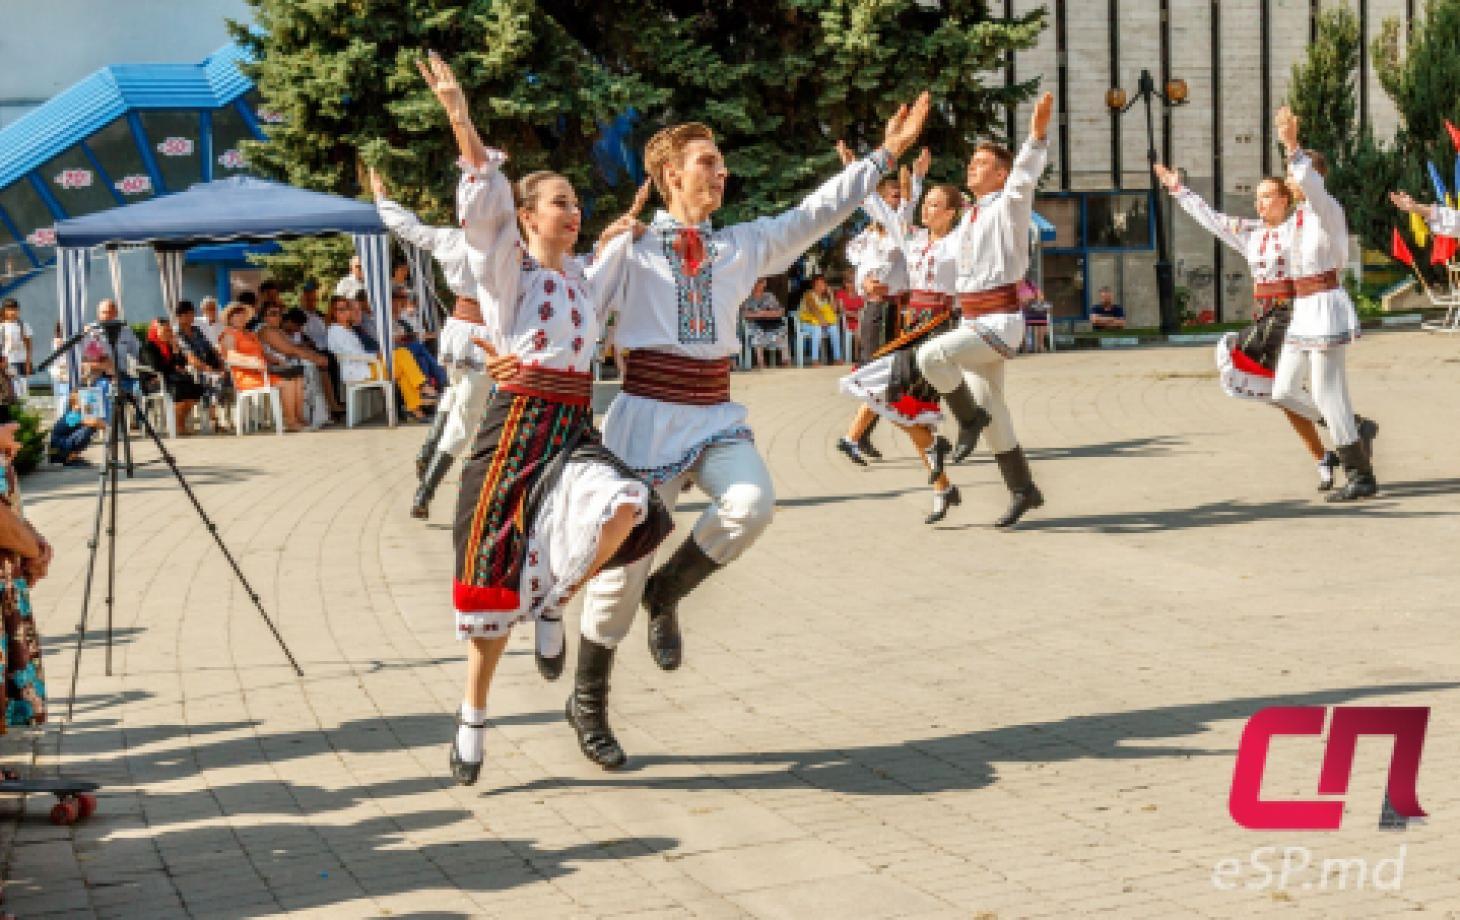 День Независимости Республики Молдова в Бельцах. Молдавские народные костюмы, танцы